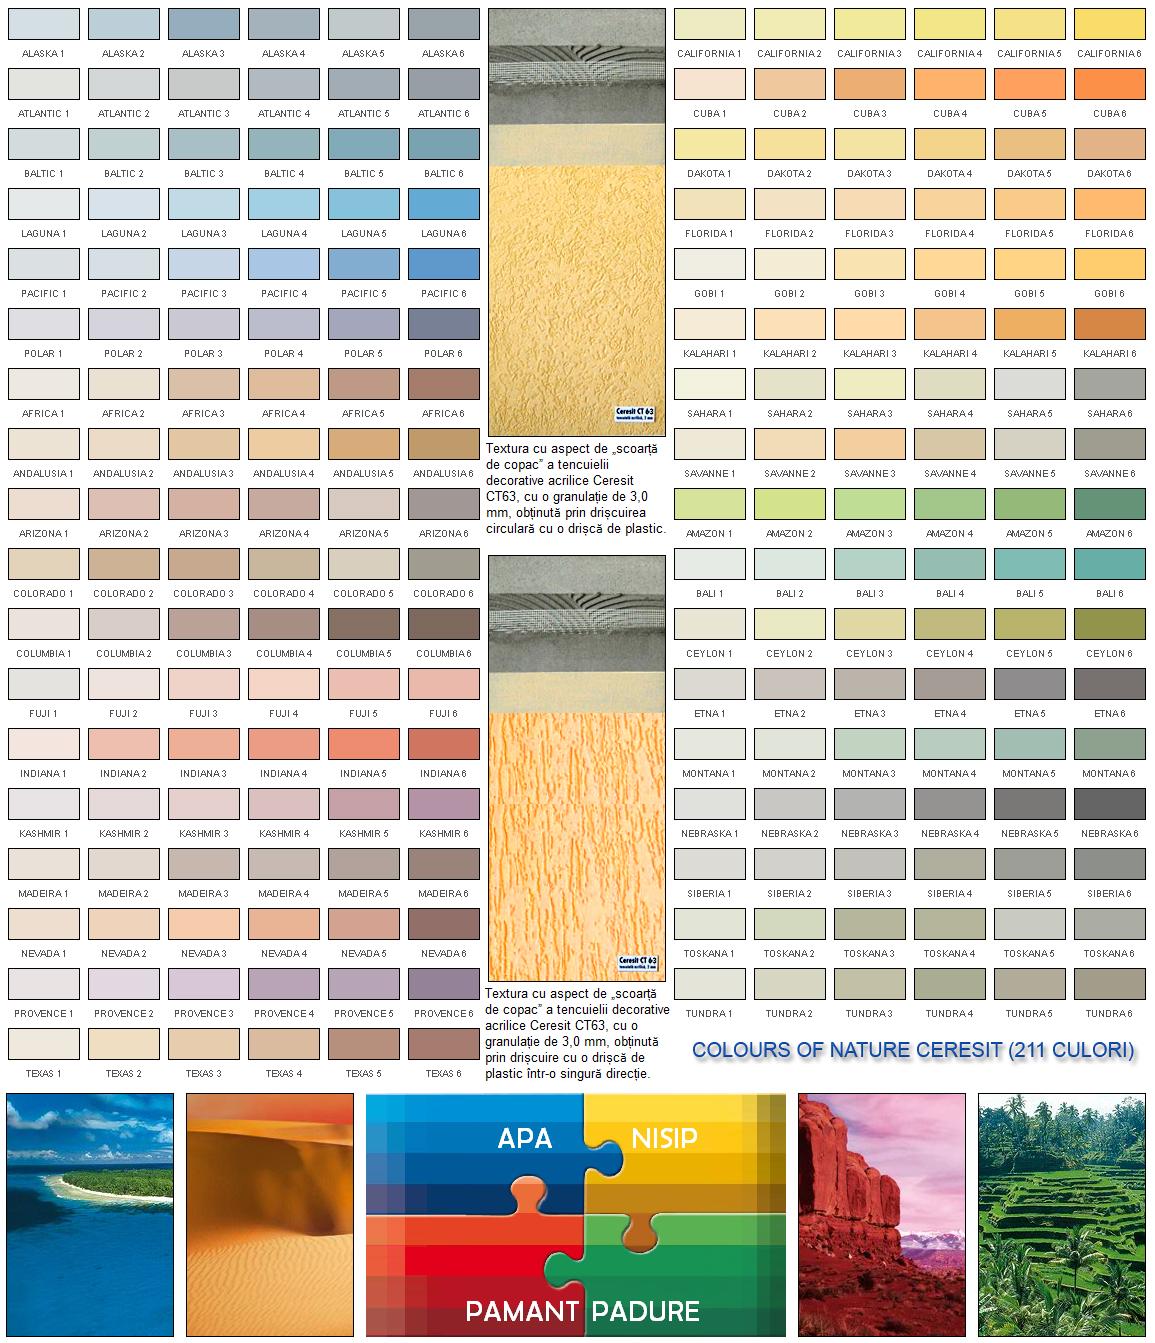 Paleta De Culori Tencuiala Decorativa.Tencuiala Decorativa Ct63 Altdepozit